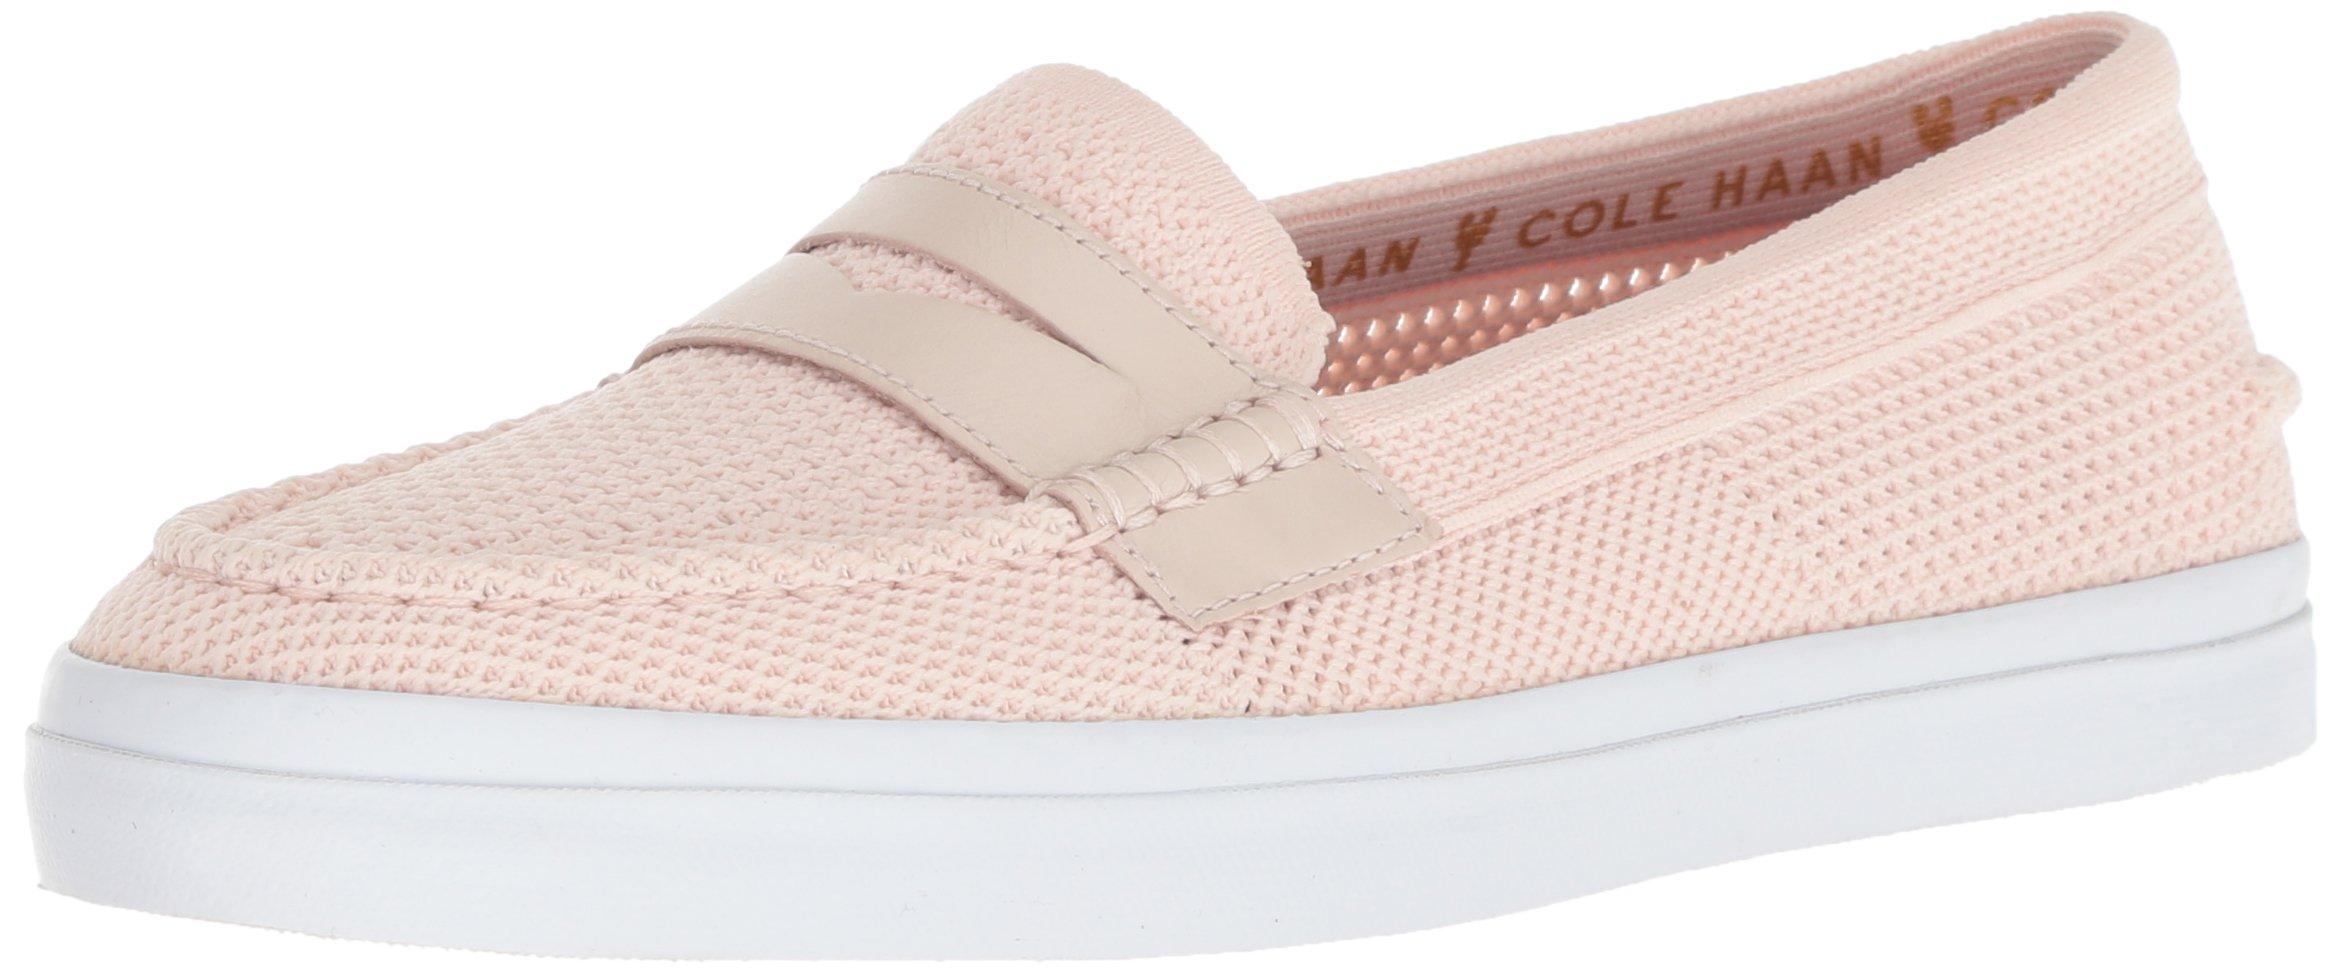 802c520ffa6 Galleon - Cole Haan Women s Pinch Weekender LX Stitchlite Loafer Flat